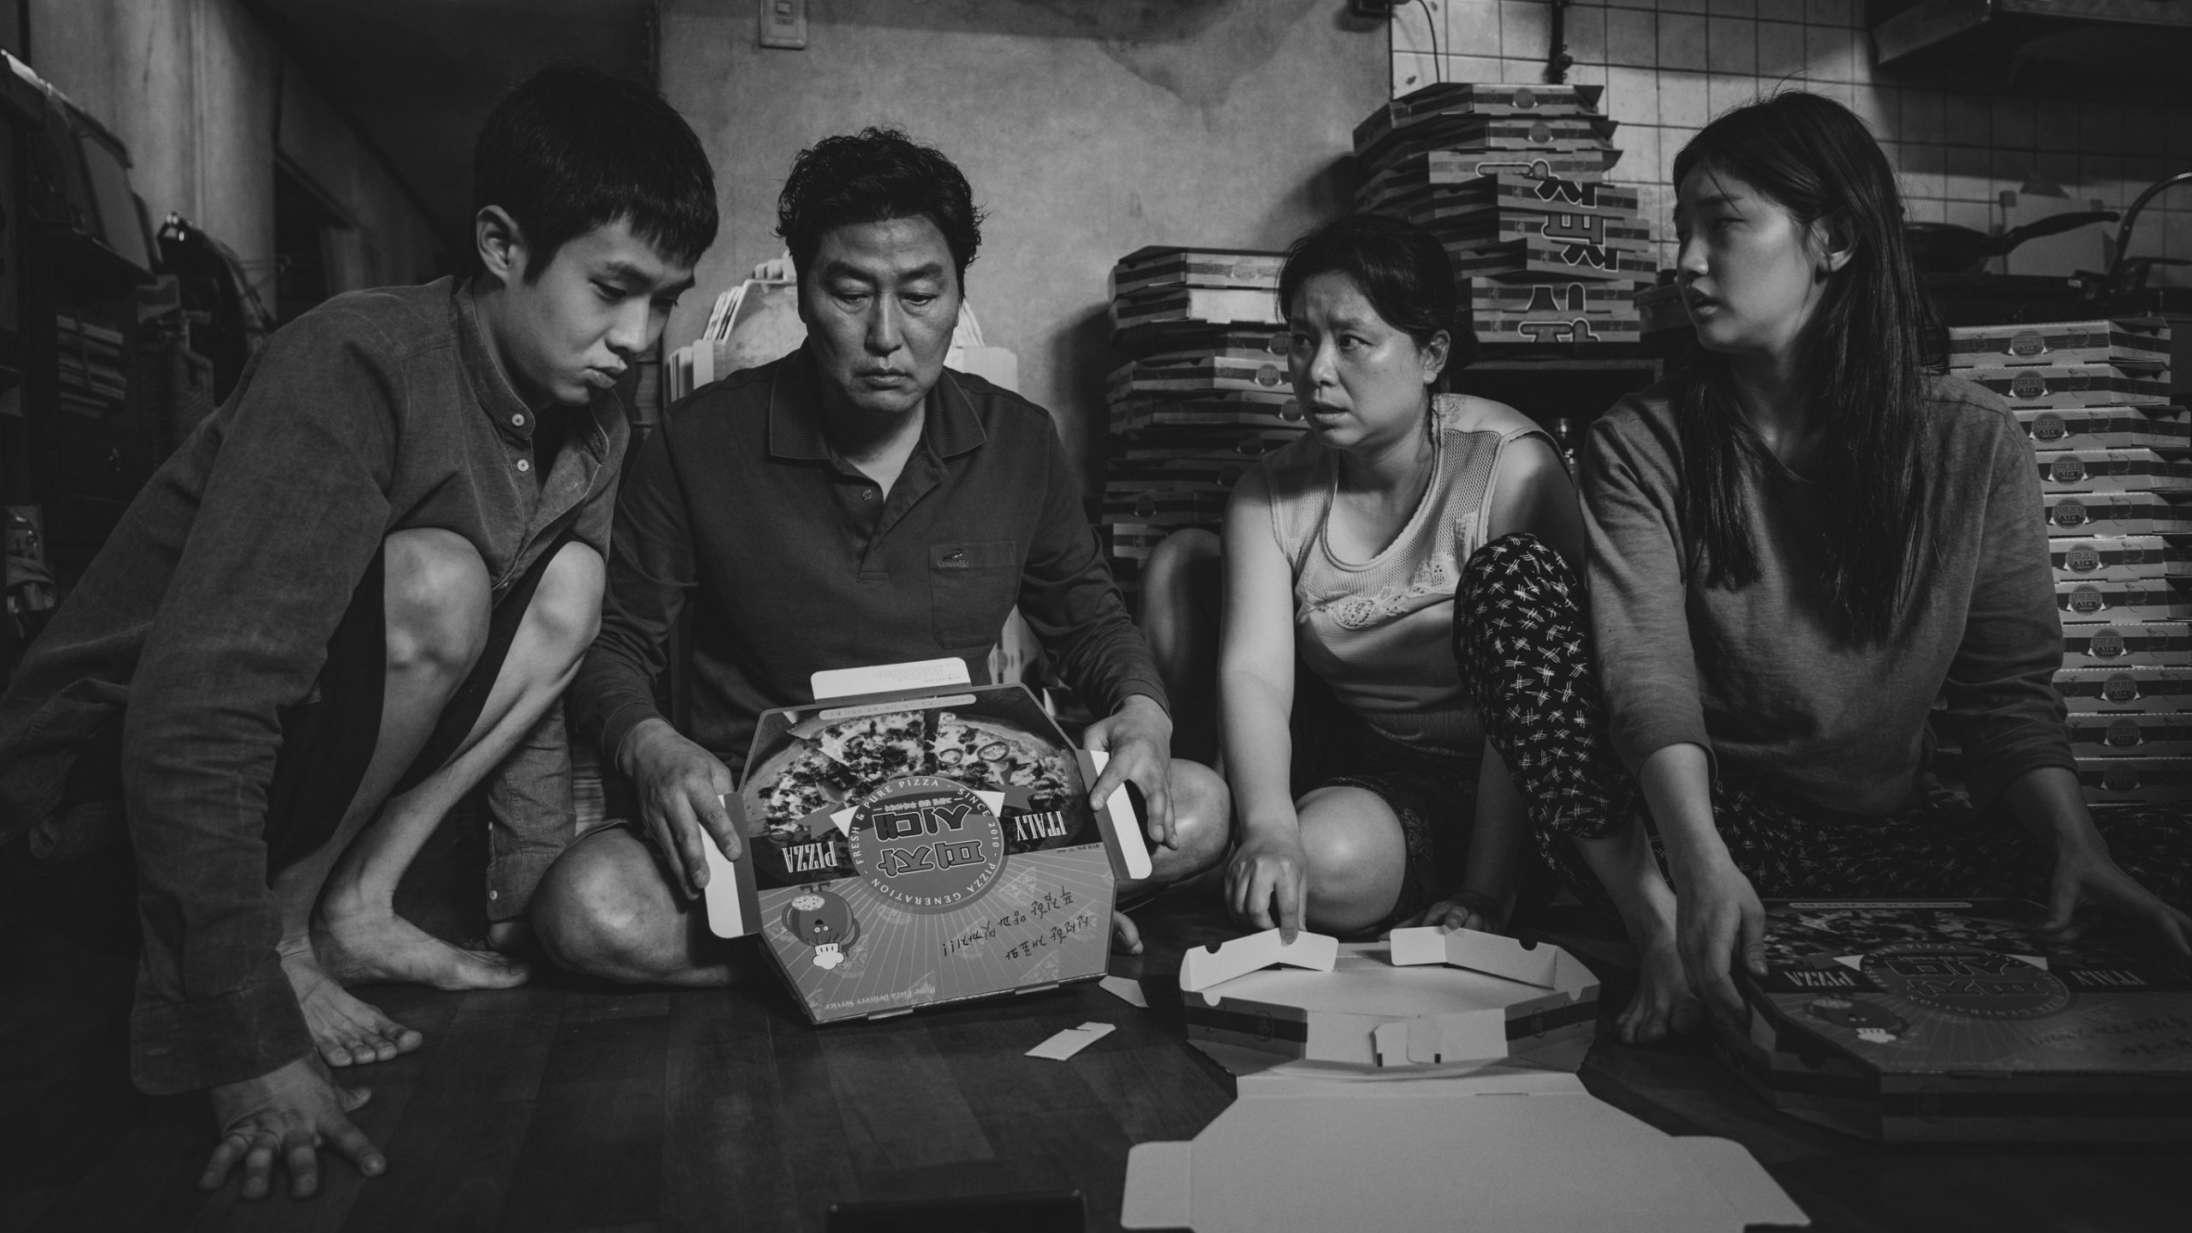 'Parasite' i sort-hvid: Bong Joon-hos forfængelighedsprojekt ligner ophøjet cinema fra det 20. århundrede